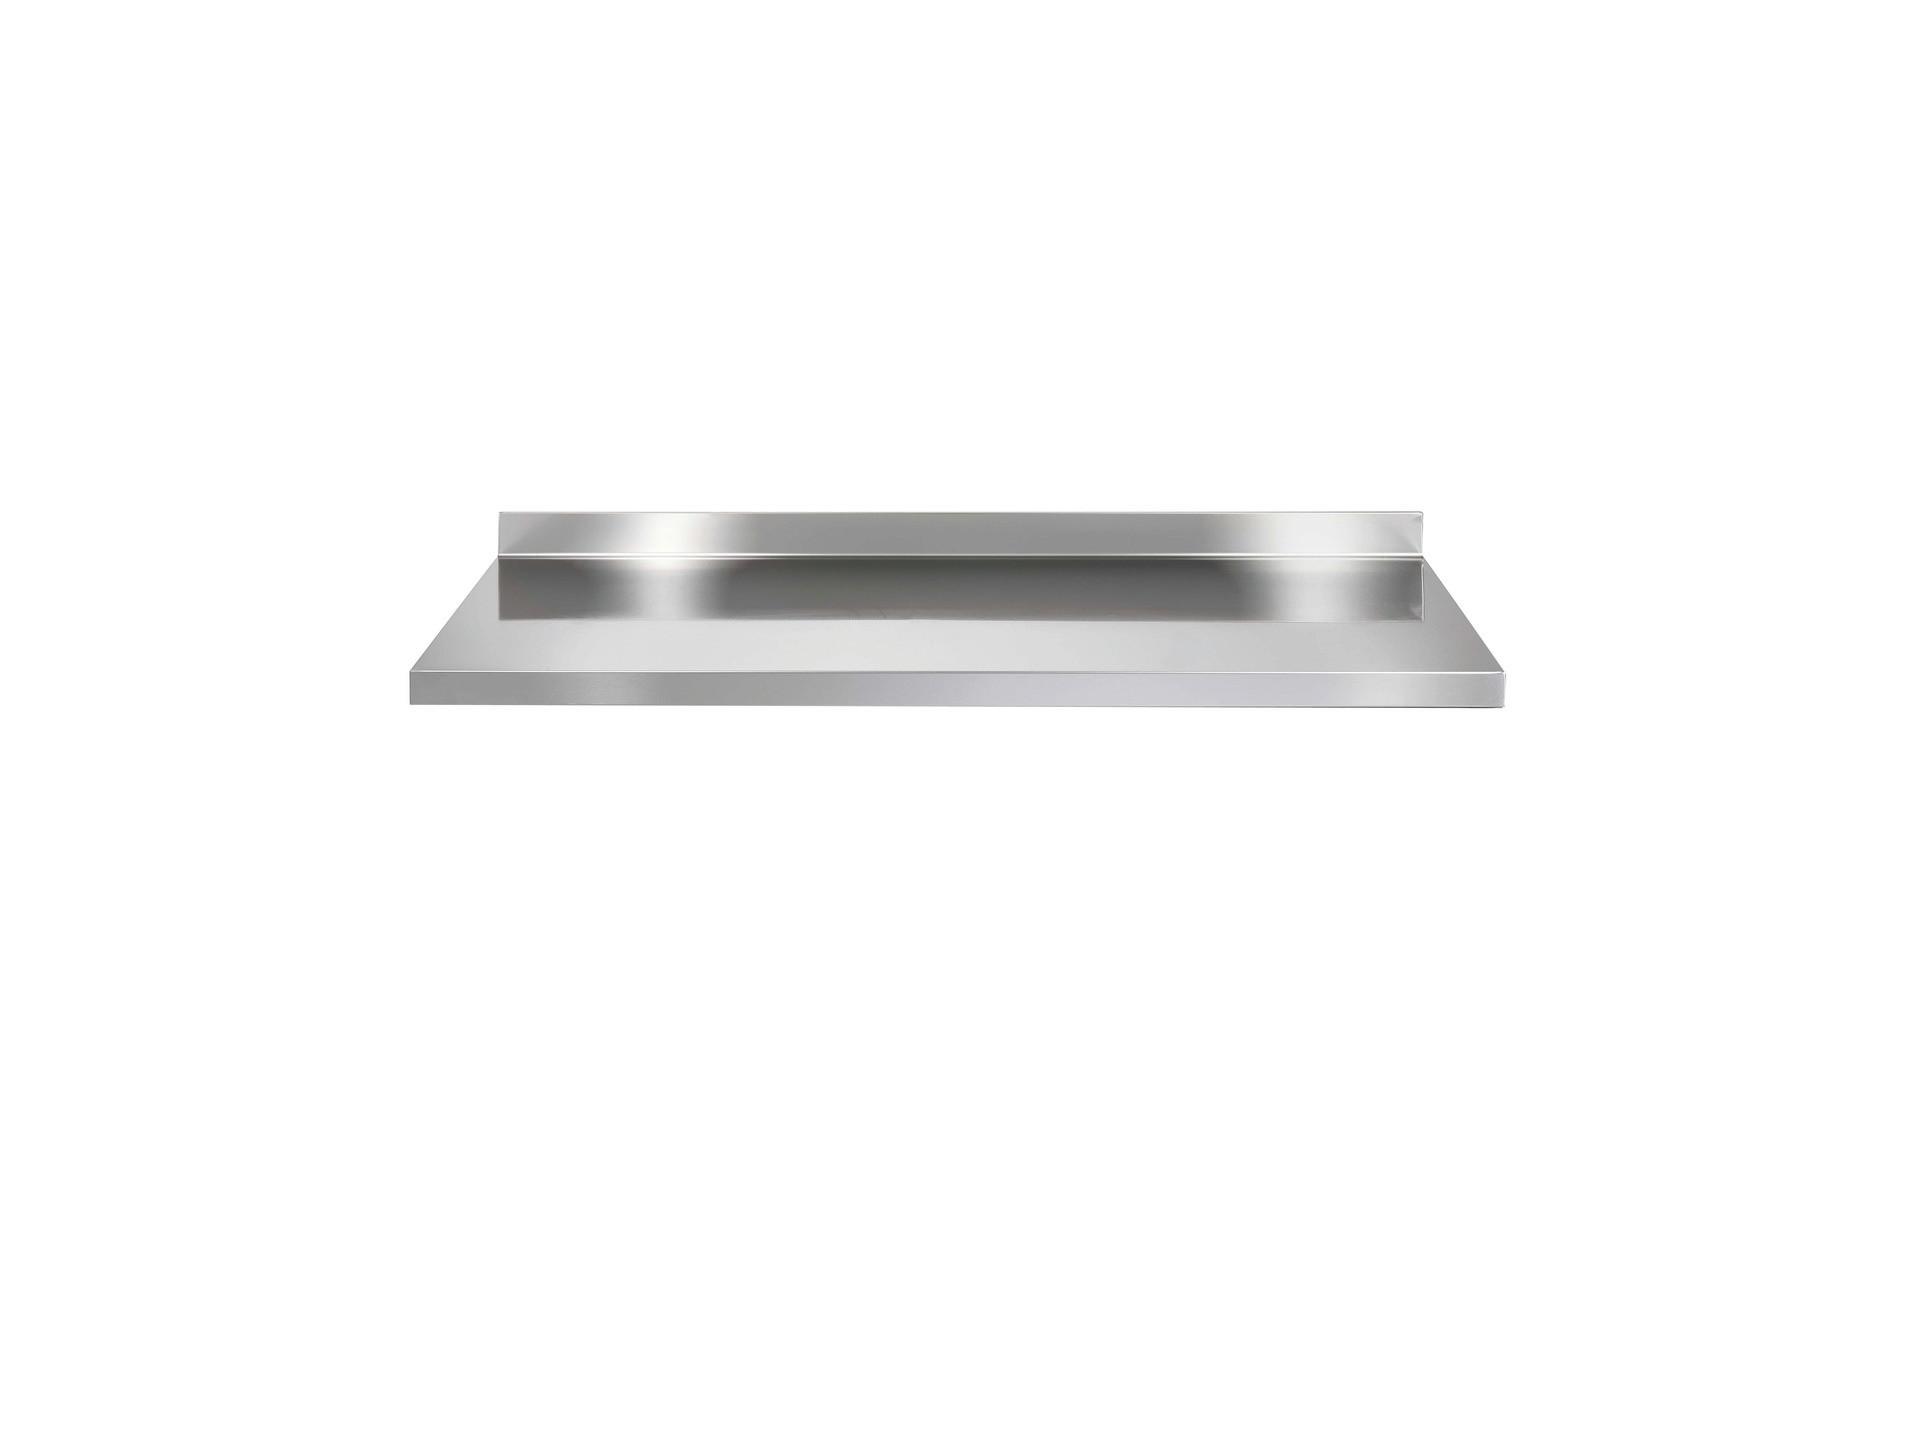 Arbeitsplatte f. Kühltisch 1260 x 700 mm mit 50 mm Aufkantung